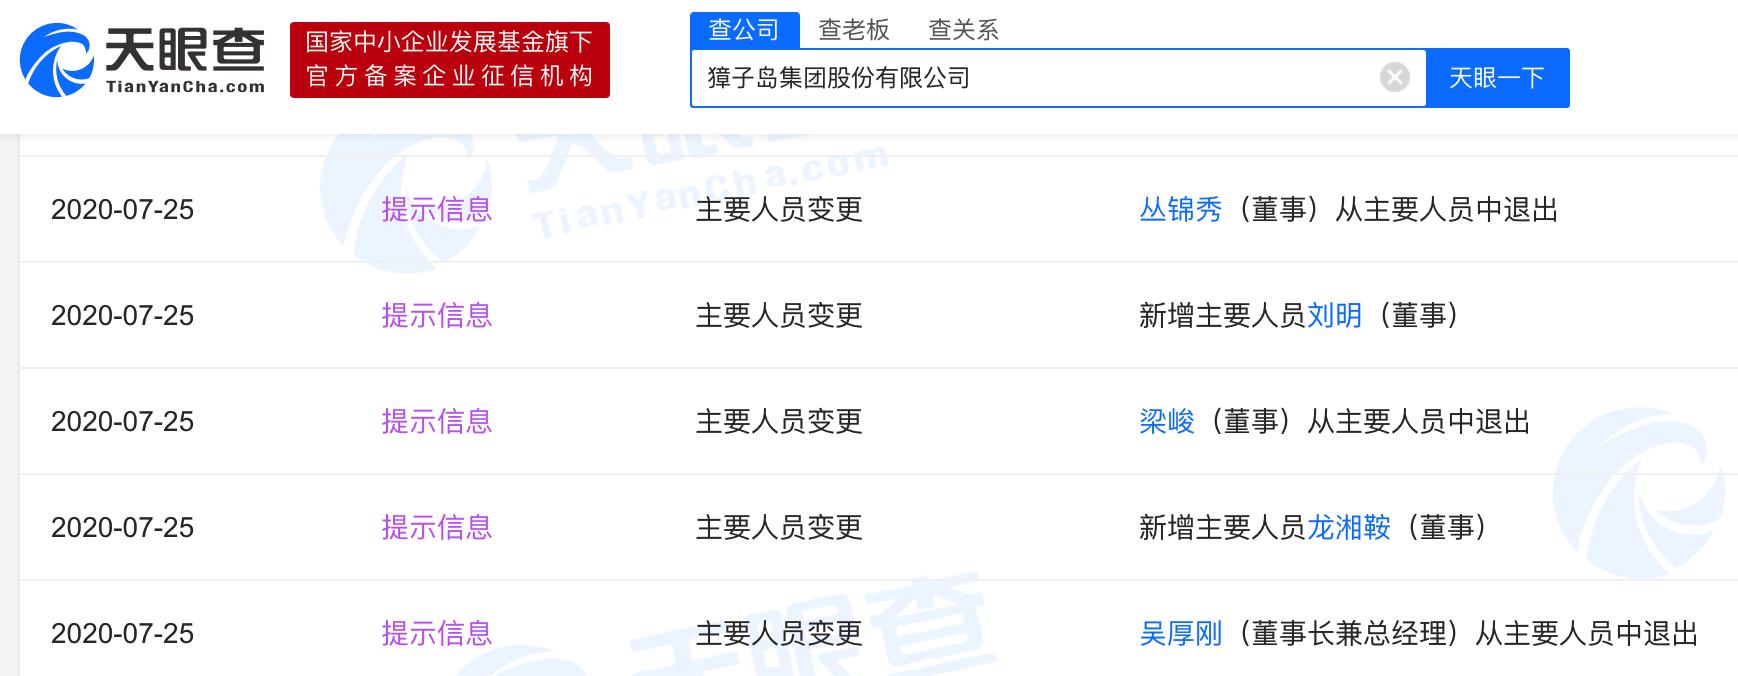 吴厚刚卸任獐子岛法定代表人,唐艳接任